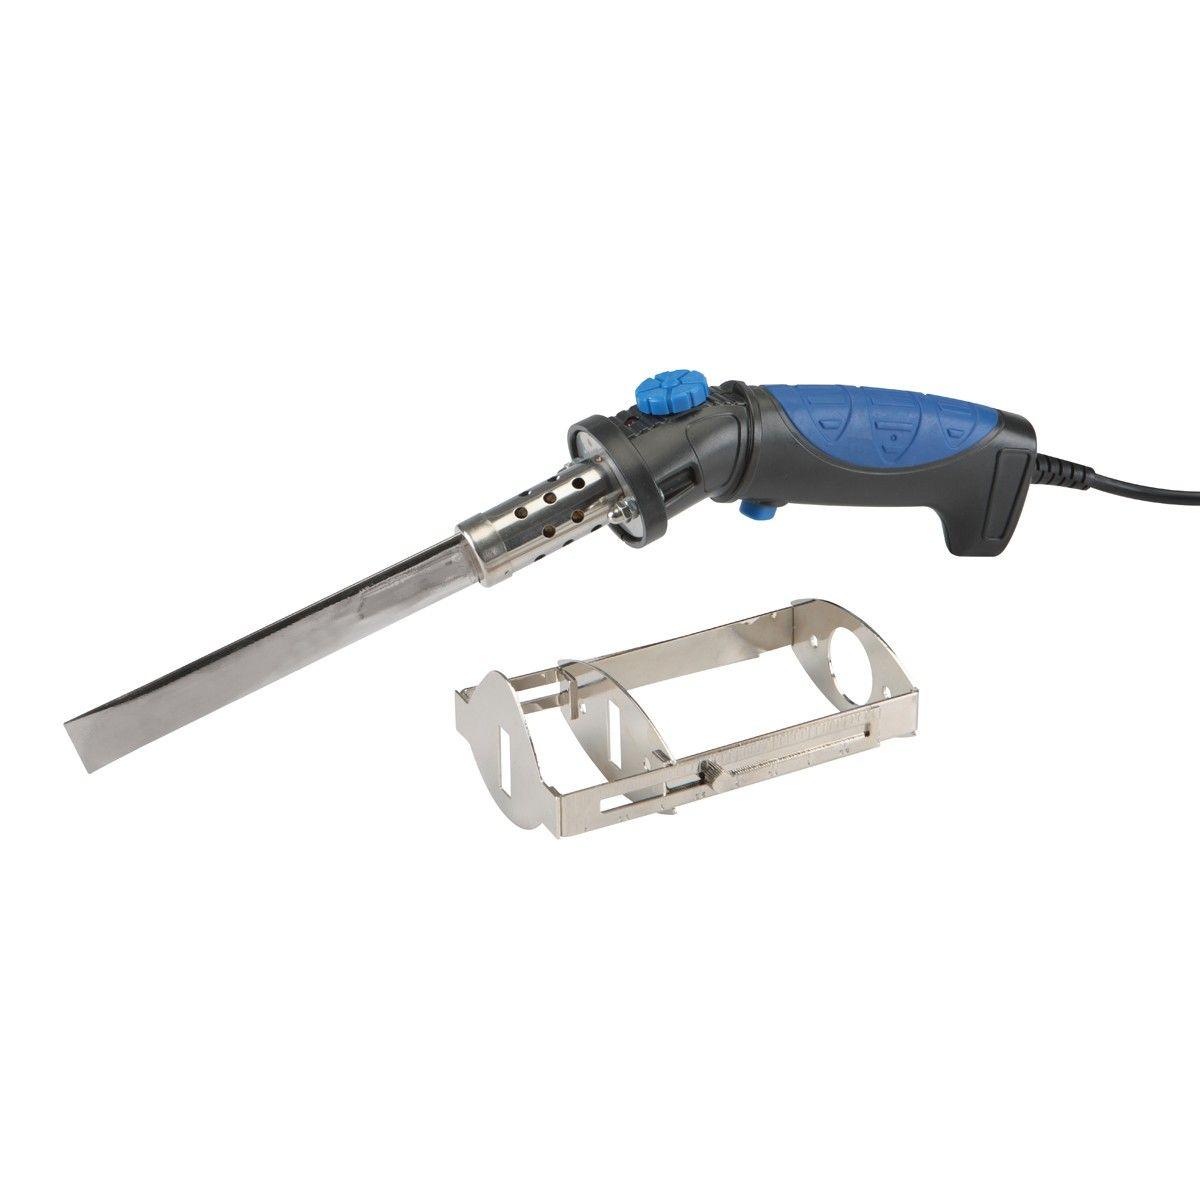 130 Watt Heavy Duty Hot Knife